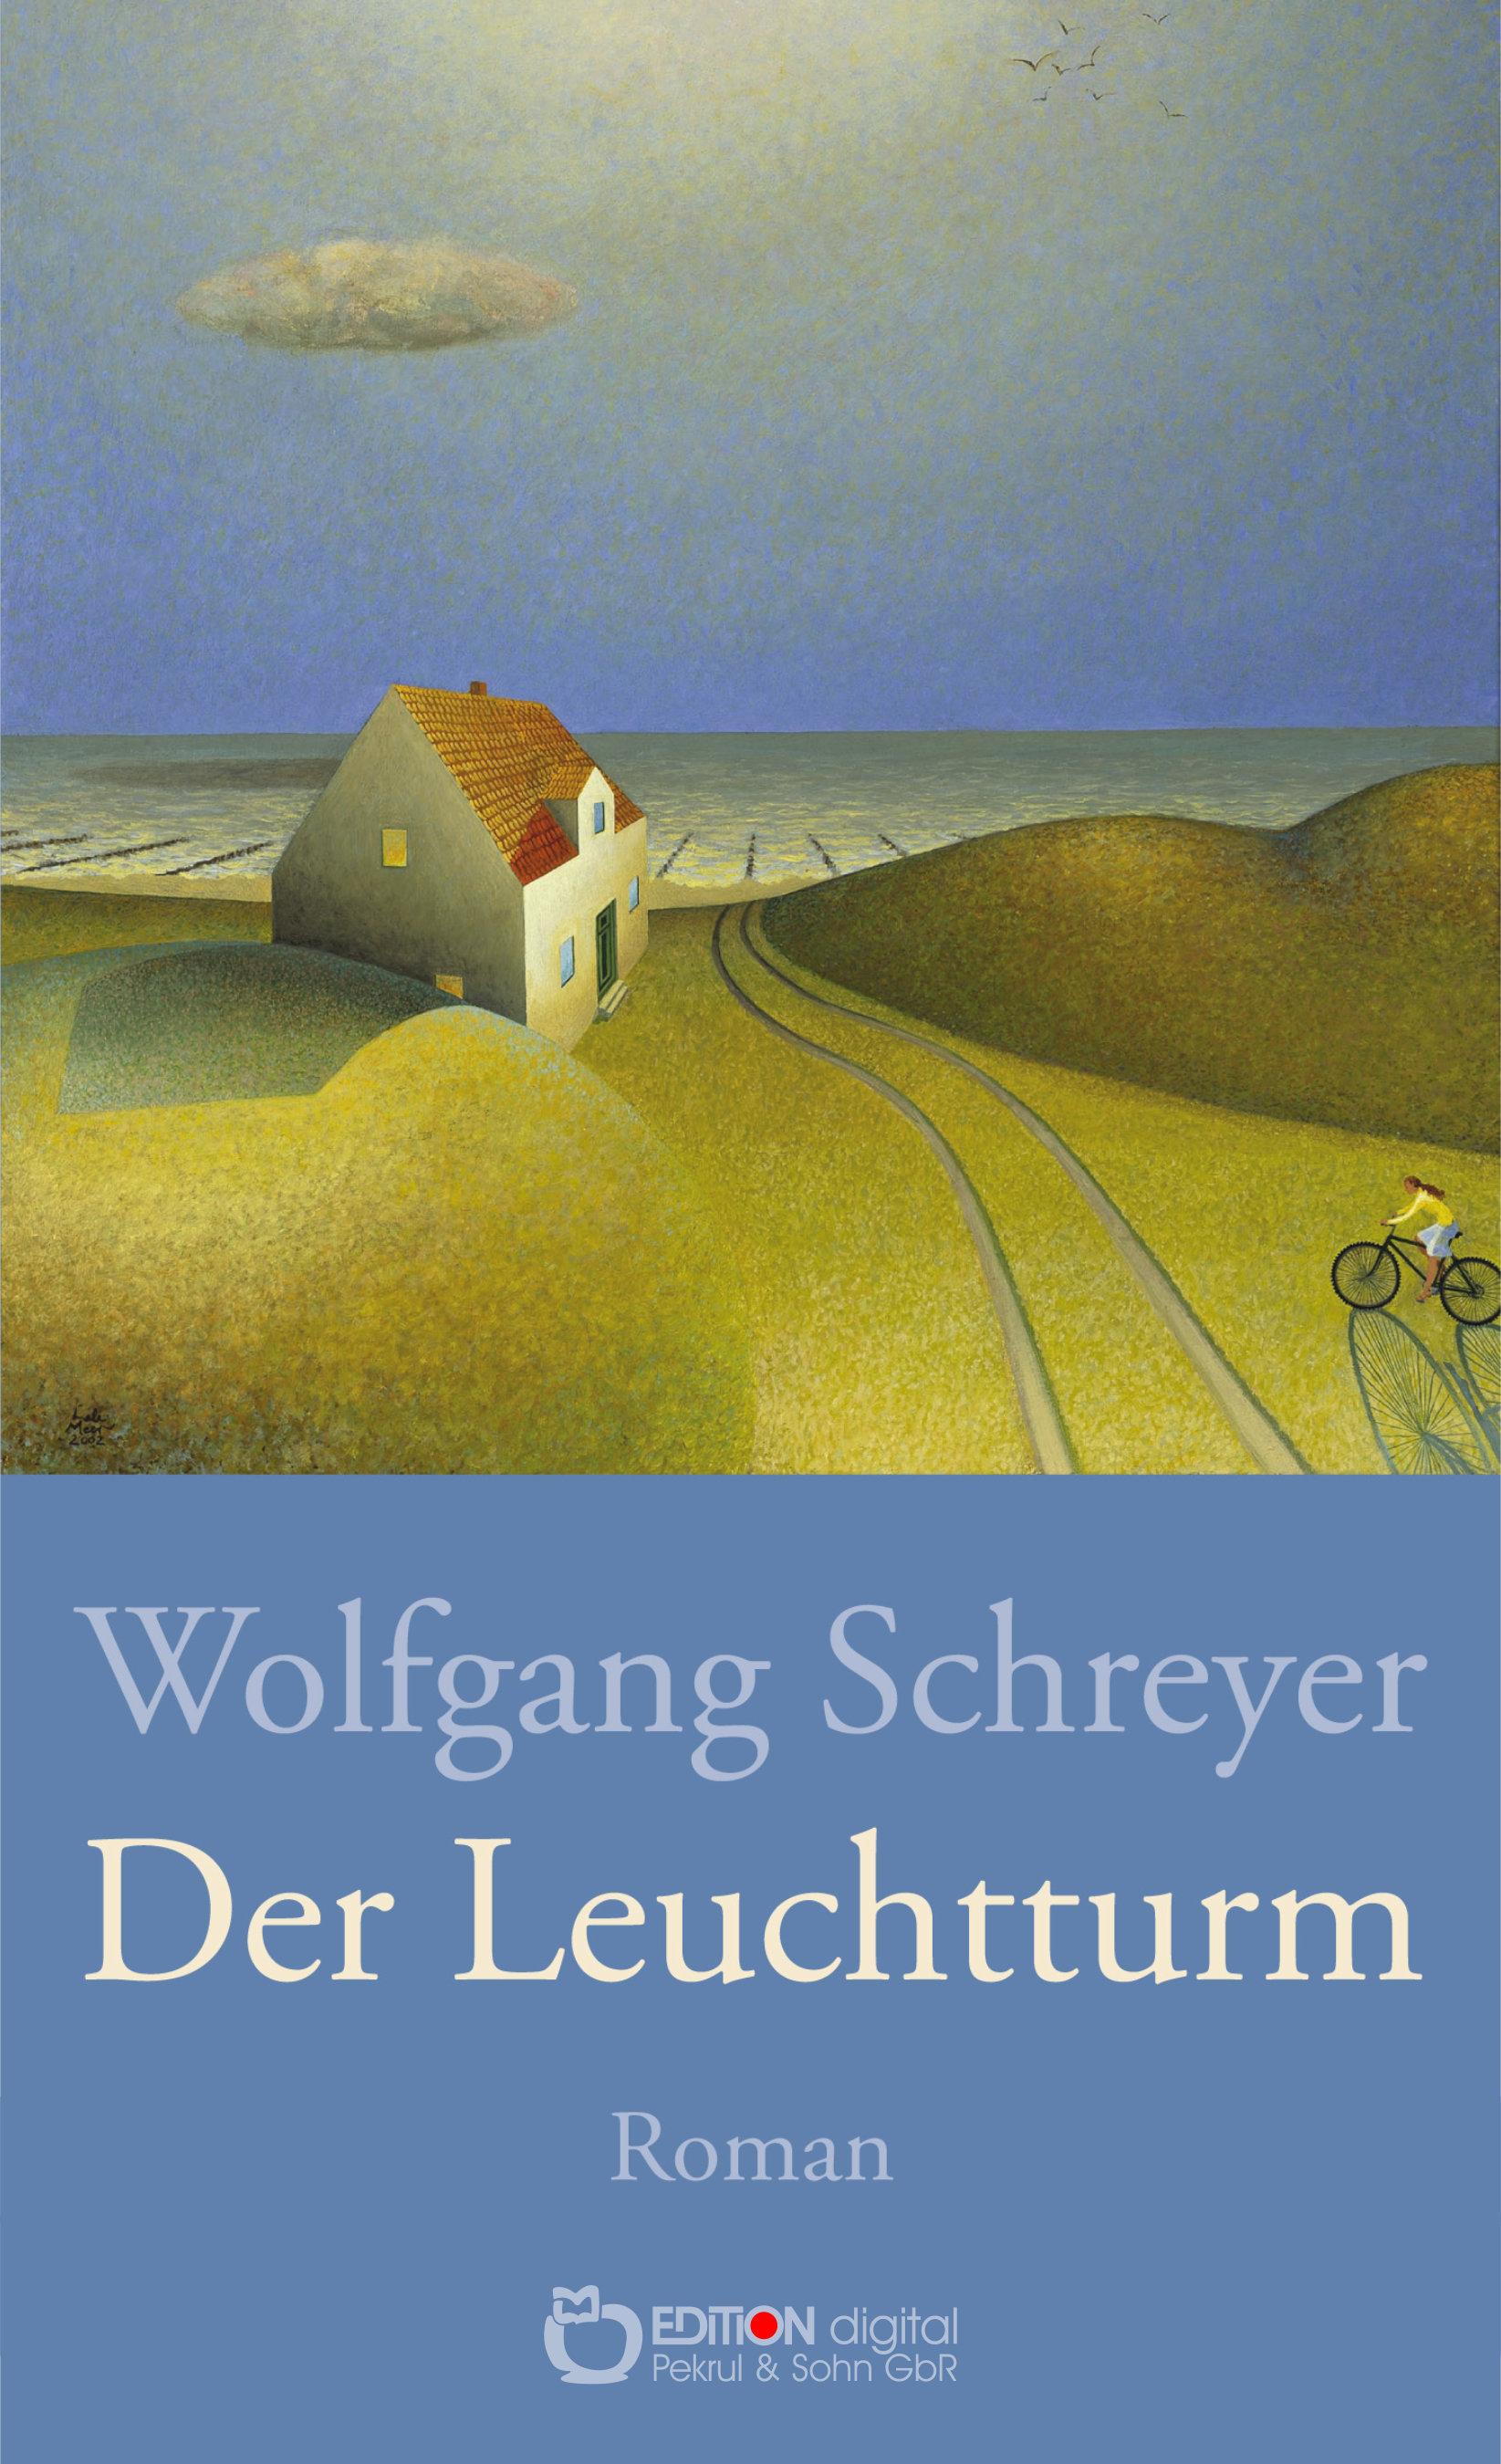 Der Leuchtturm. Roman von Wolfgang Schreyer